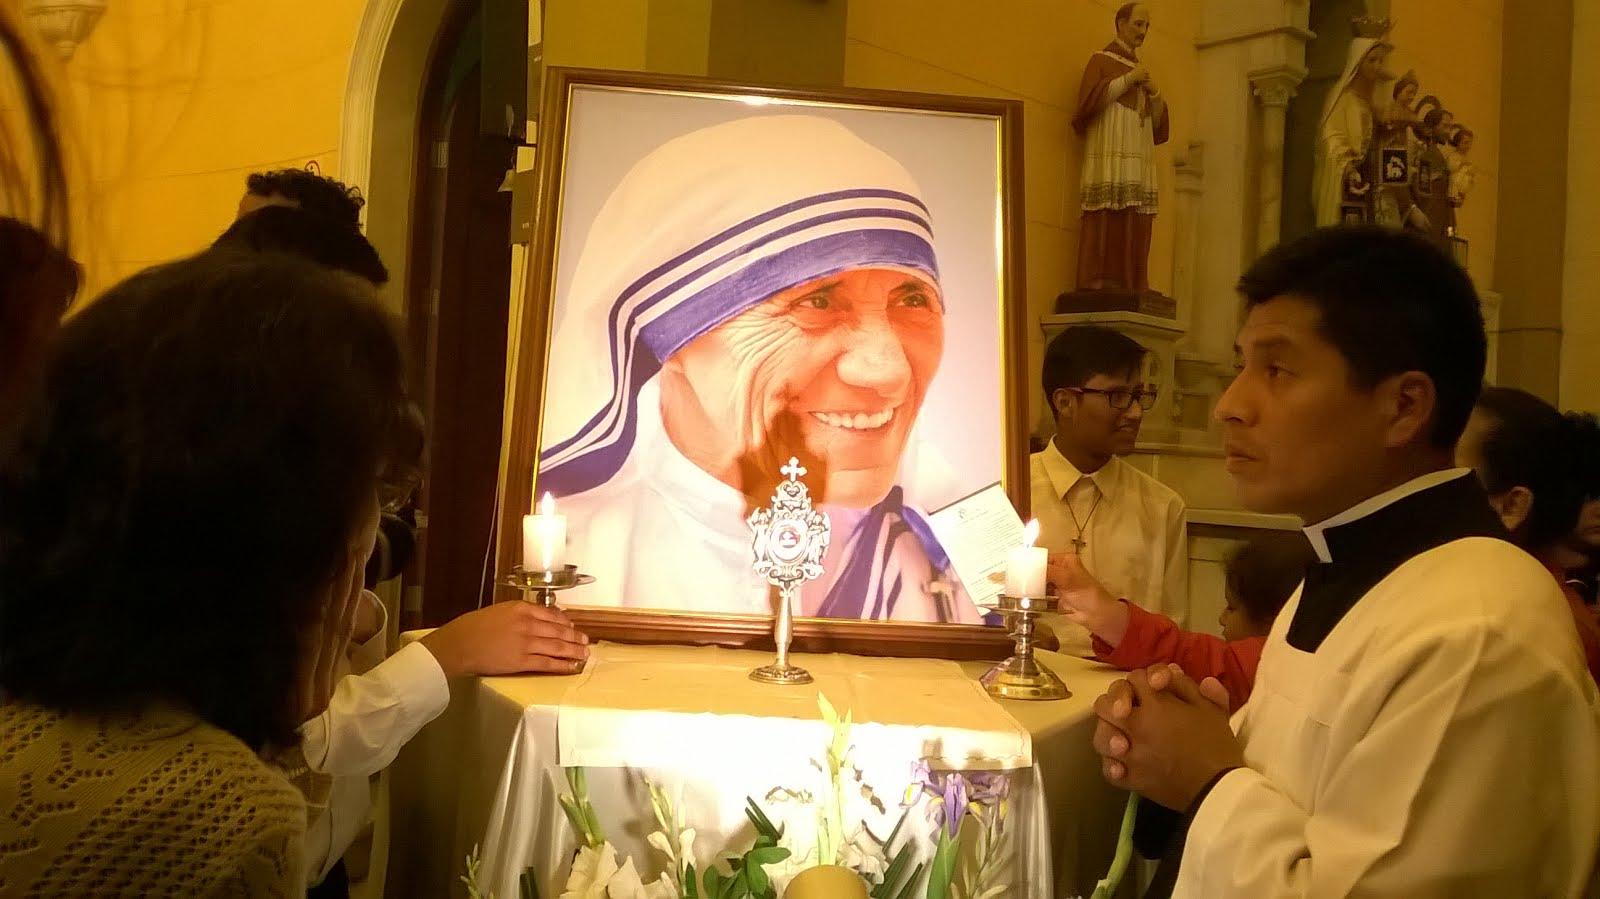 La reliquia de Santa Madre Teresa de Calcuta en Lima